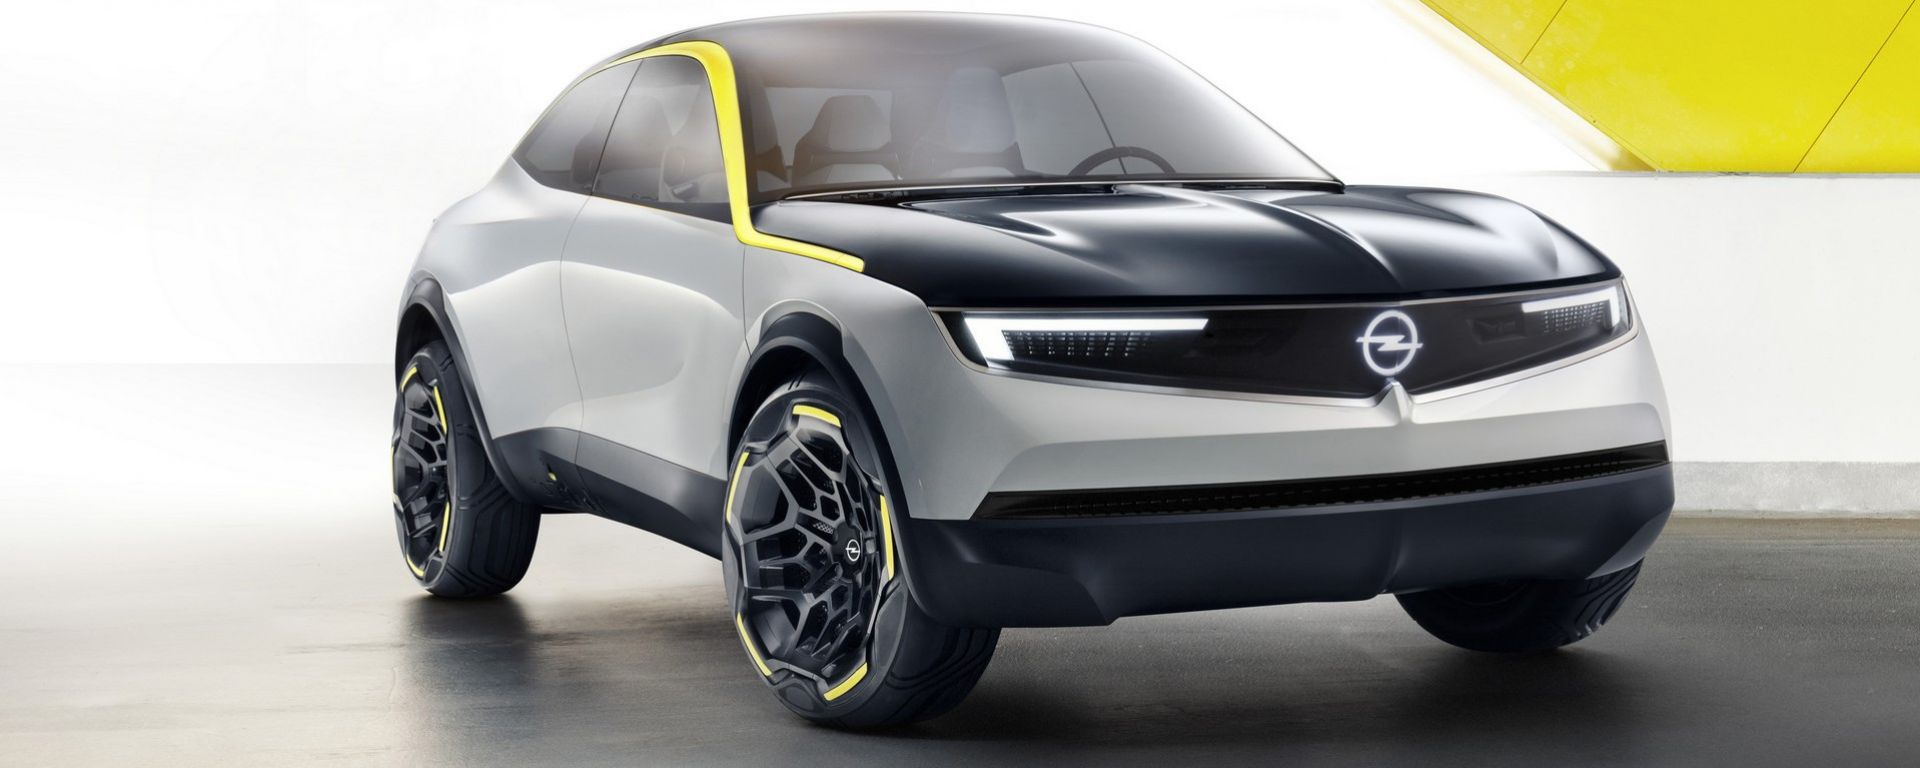 Opel GT X Experimental: anticipa il futuro della gamma Opel